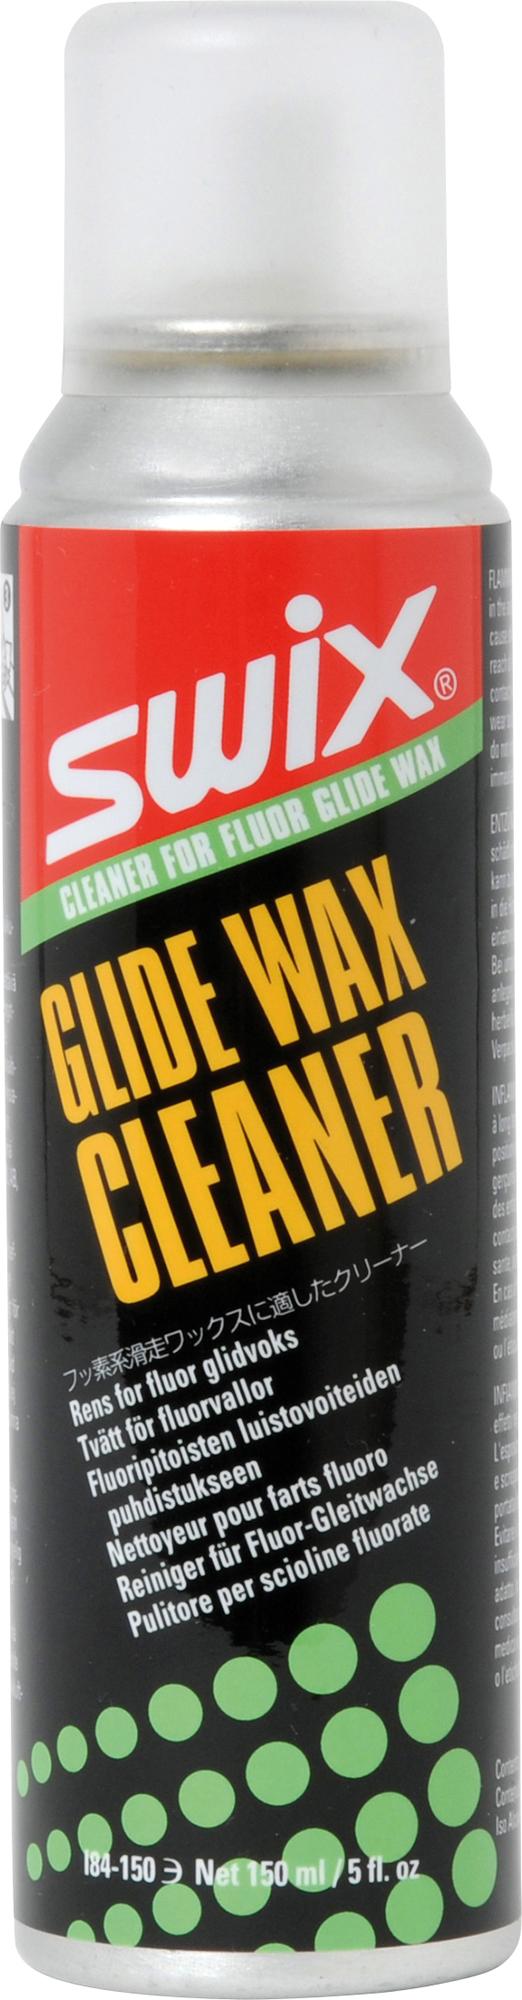 Swix Смывка для мазей скольжения Swix цена и фото